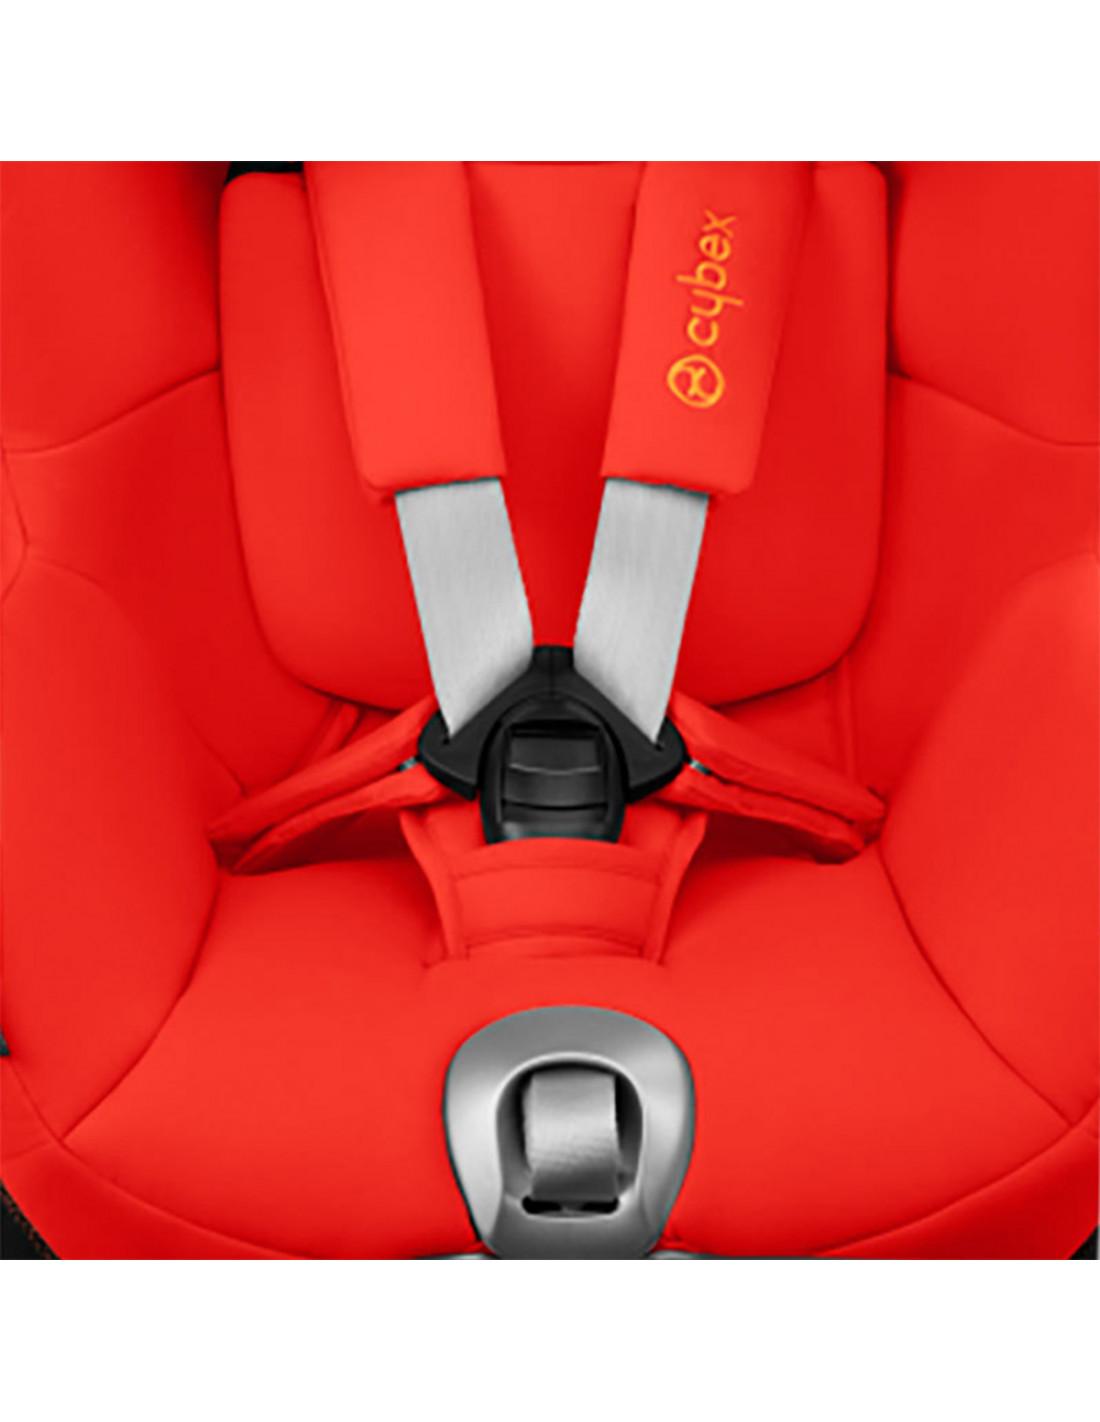 Size Incluida S Base Sirona De I Auto Silla Cybex Ferrari S54RjL3cAq